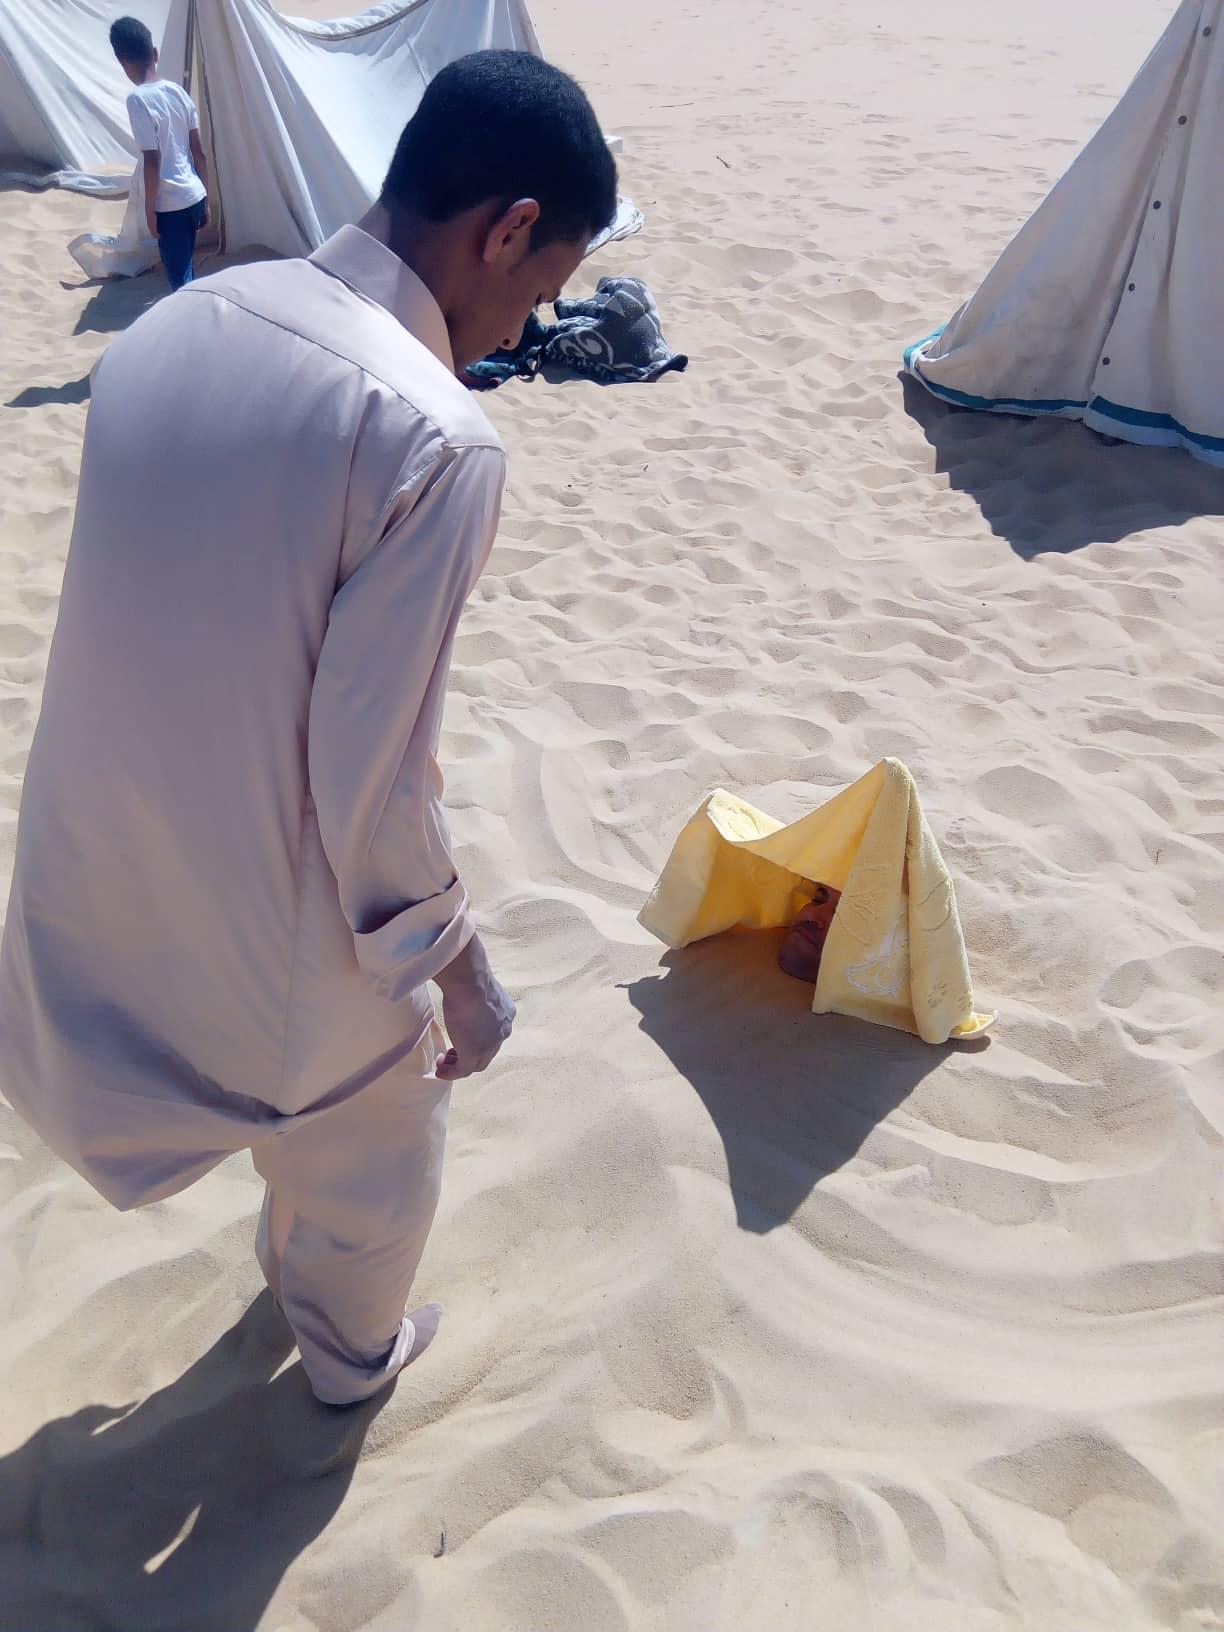 دفن أحد المرضى فى الرمال للاستشفاء